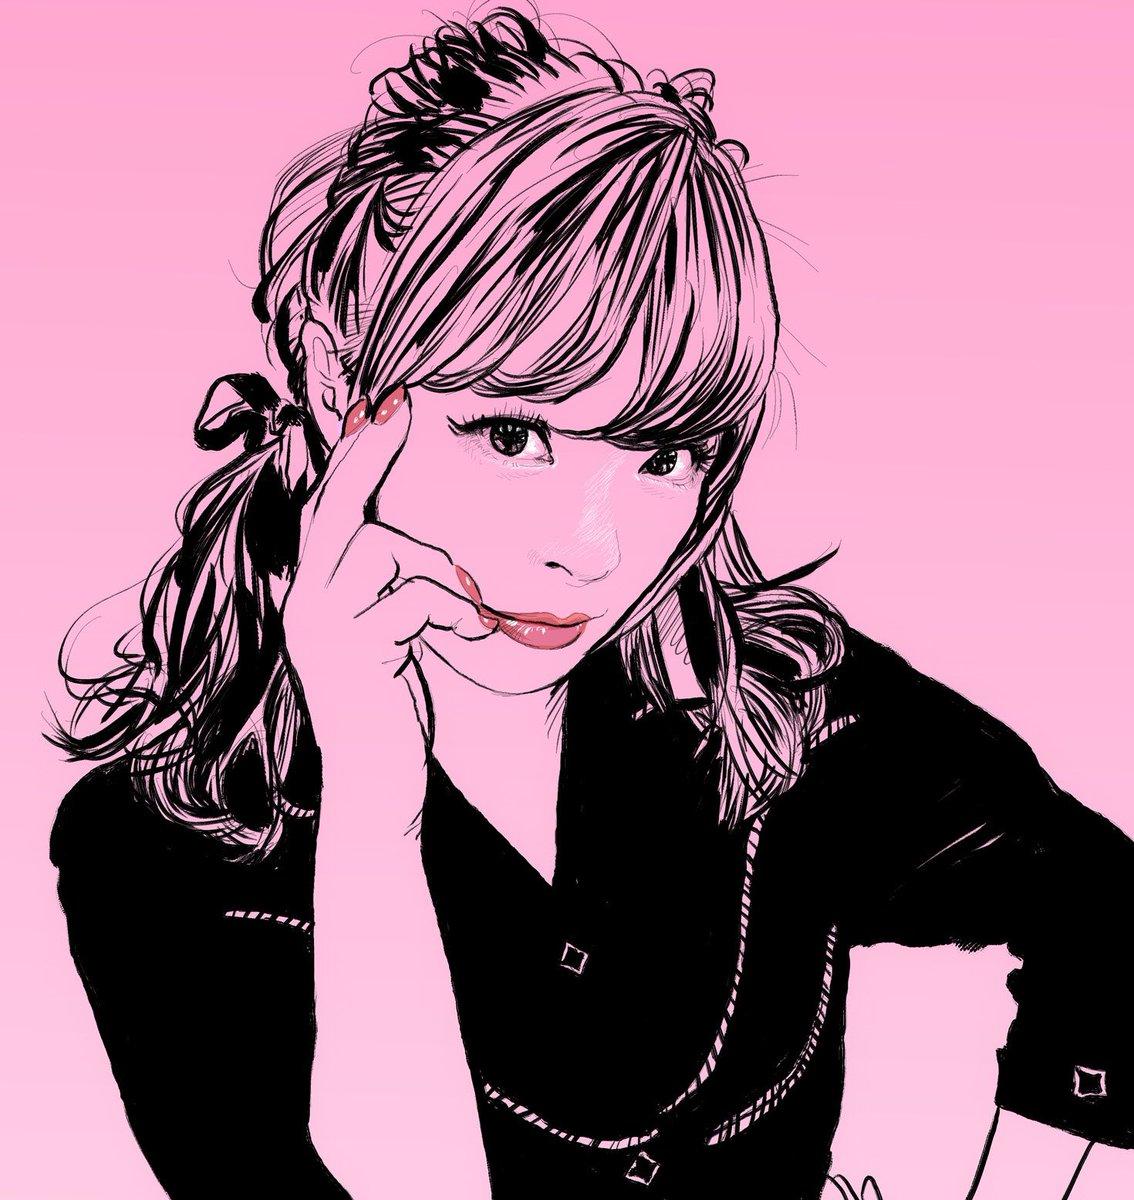 てらりん きゃりーぱみゅぱみゅさん Pamyurin 似顔絵 イラスト 歌手 きゃりーぱみゅぱみゅ きゃりー きゃっちゃん Caricature Illustration Portrait Drawing Singer Kyarypamyupamyu T Co Tnk2jzkltv